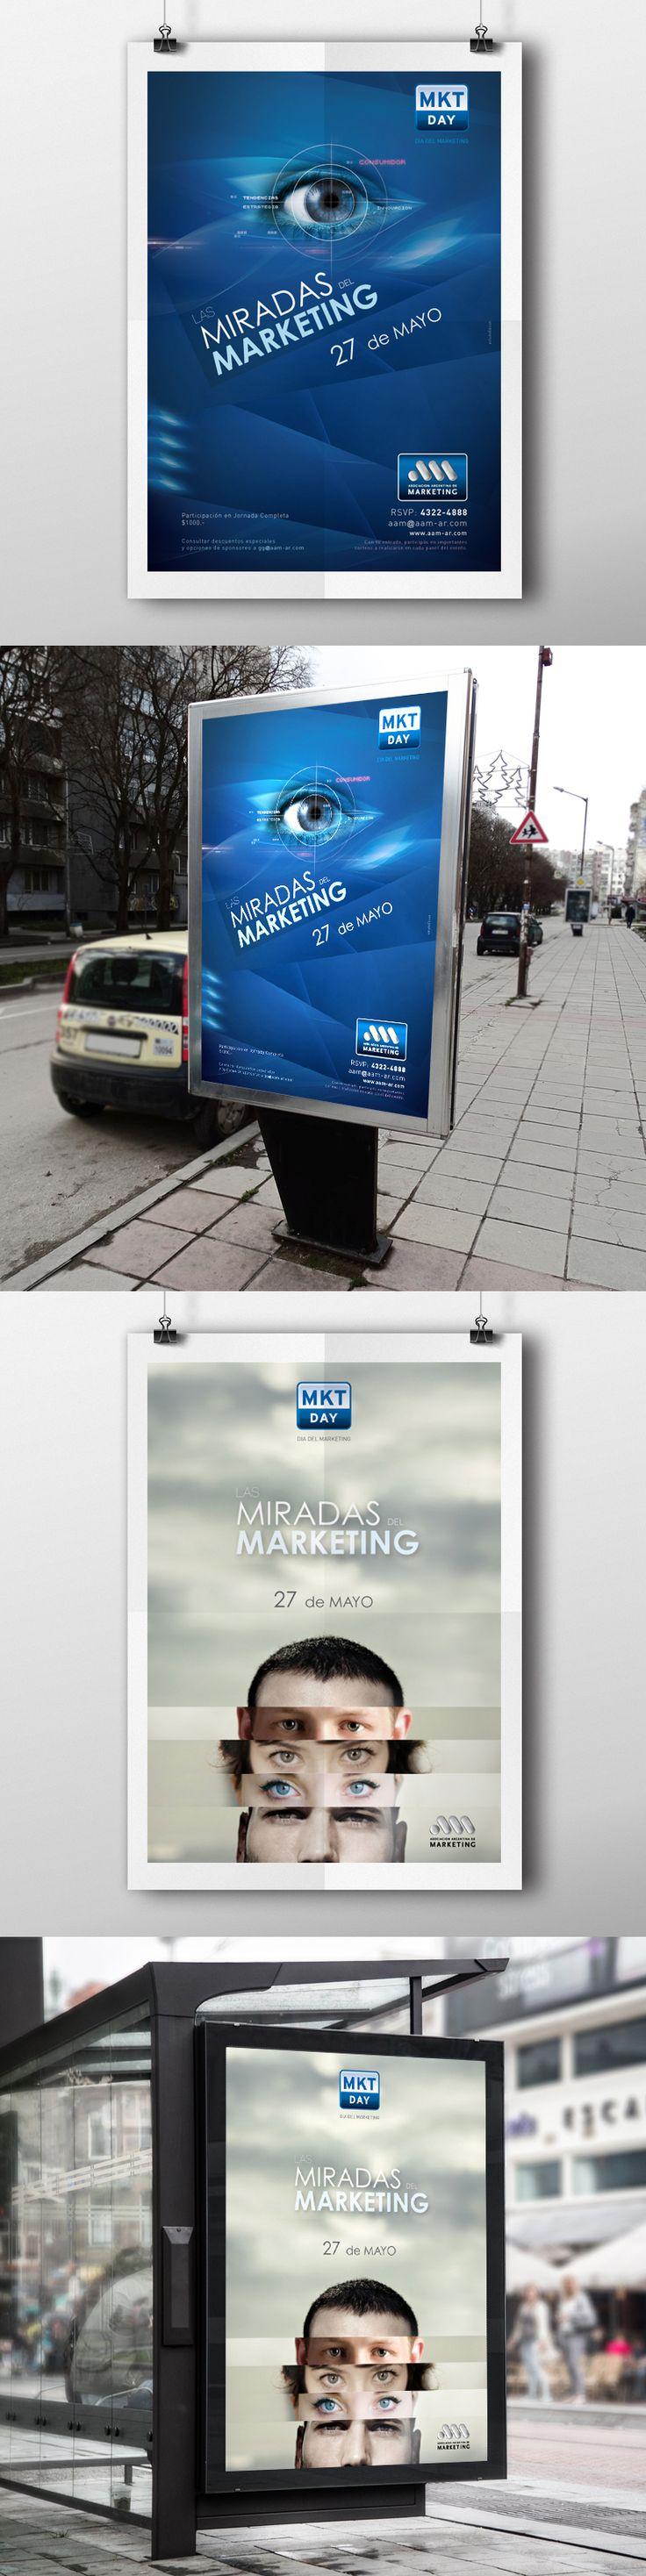 GRÁFICA VÍA PÚBLICA // El MKT Day es una jornada de conferencias donde participan los máximos exponentes de marketing del país y en las que se exponen distintos temas sobre las nuevas tendencias del marketing.